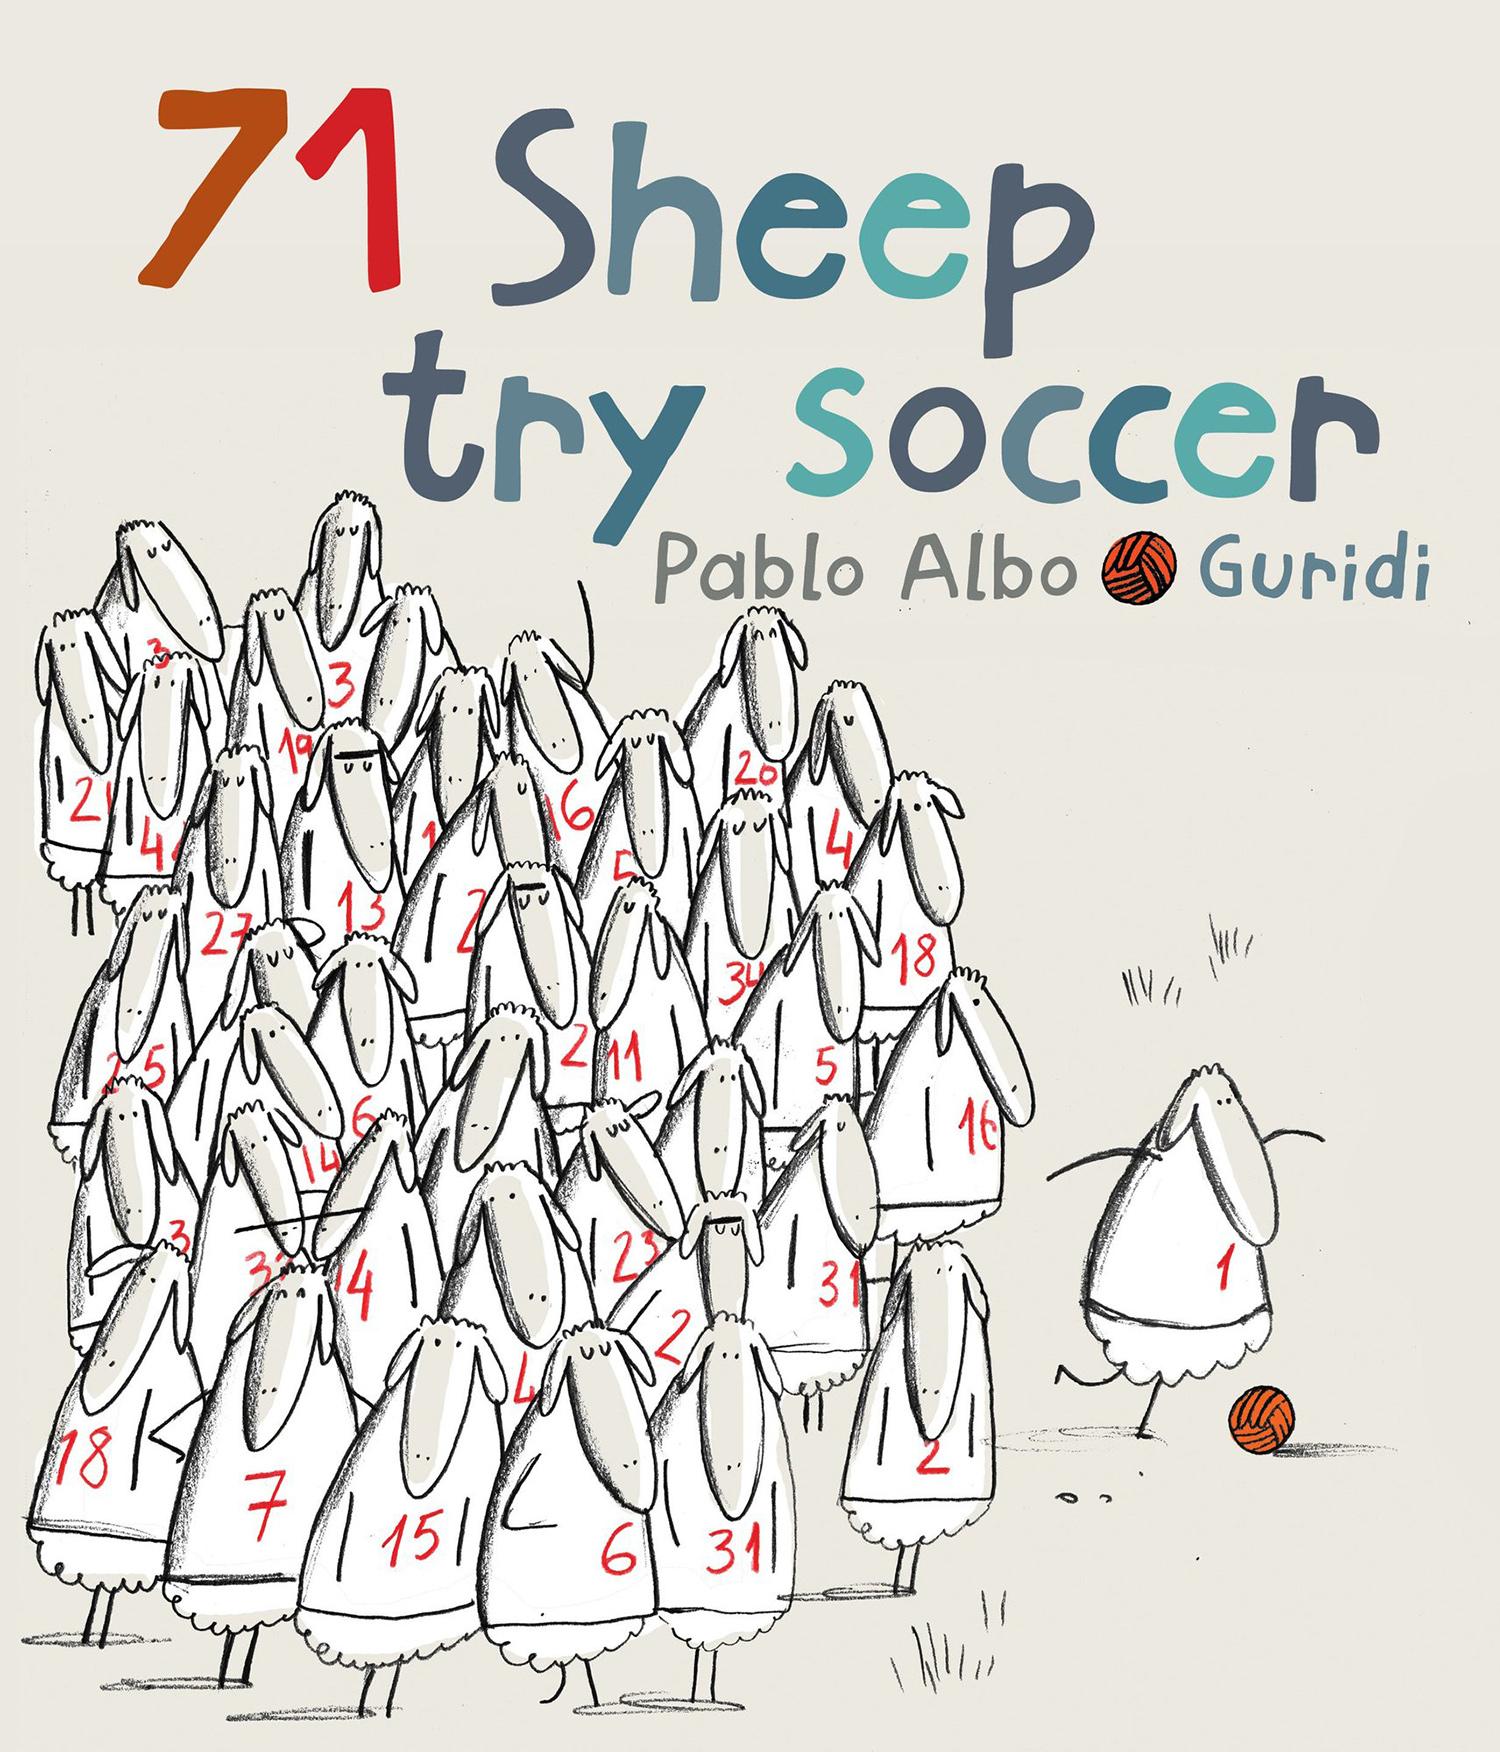 71 sheep try soccer.jpg